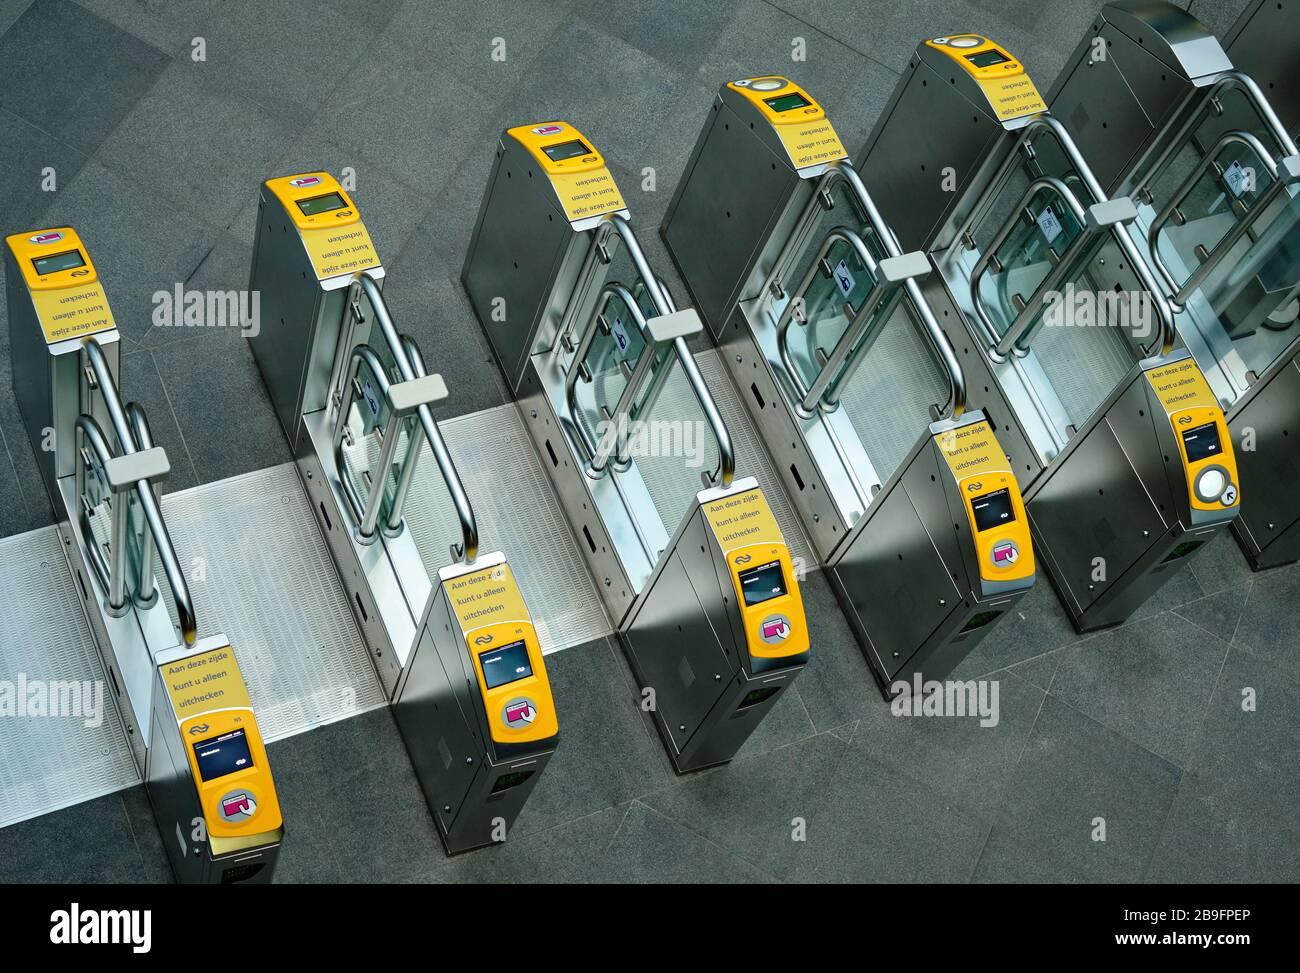 Accesso cancelli dove è possibile eseguire la scansione della carta per raggiungere i mezzi di trasporto pubblico. Foto Stock